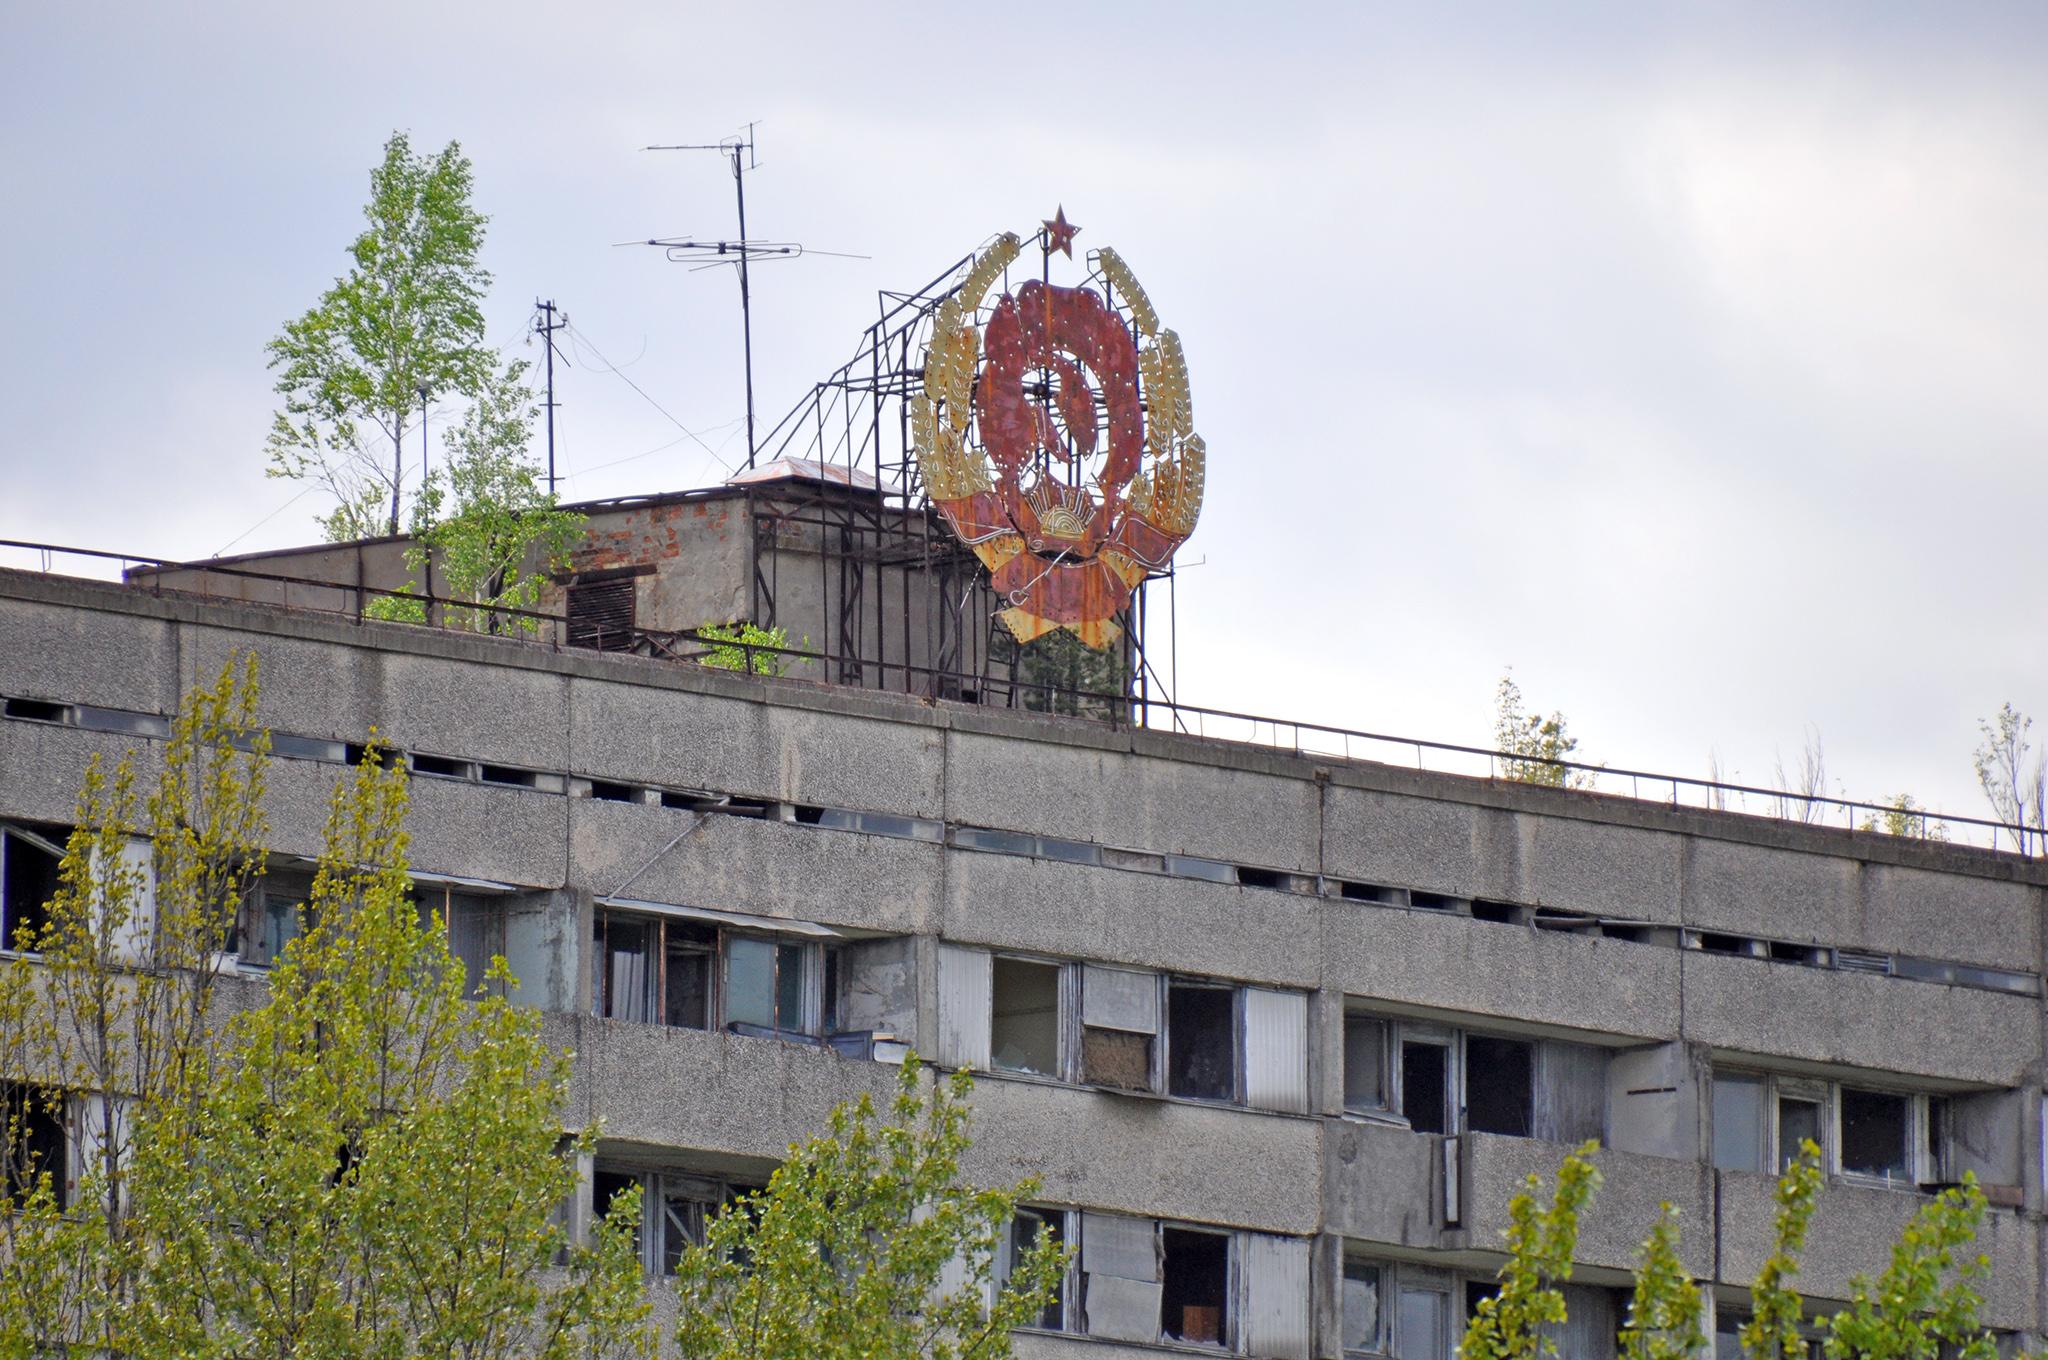 Visitar Chernóbil - Visitar Chernobyl Ucrania Ukraine Pripyat visitar chernóbil - 32891479517 d048418cfb o - Visitar Chernóbil: el lugar más contaminado del planeta